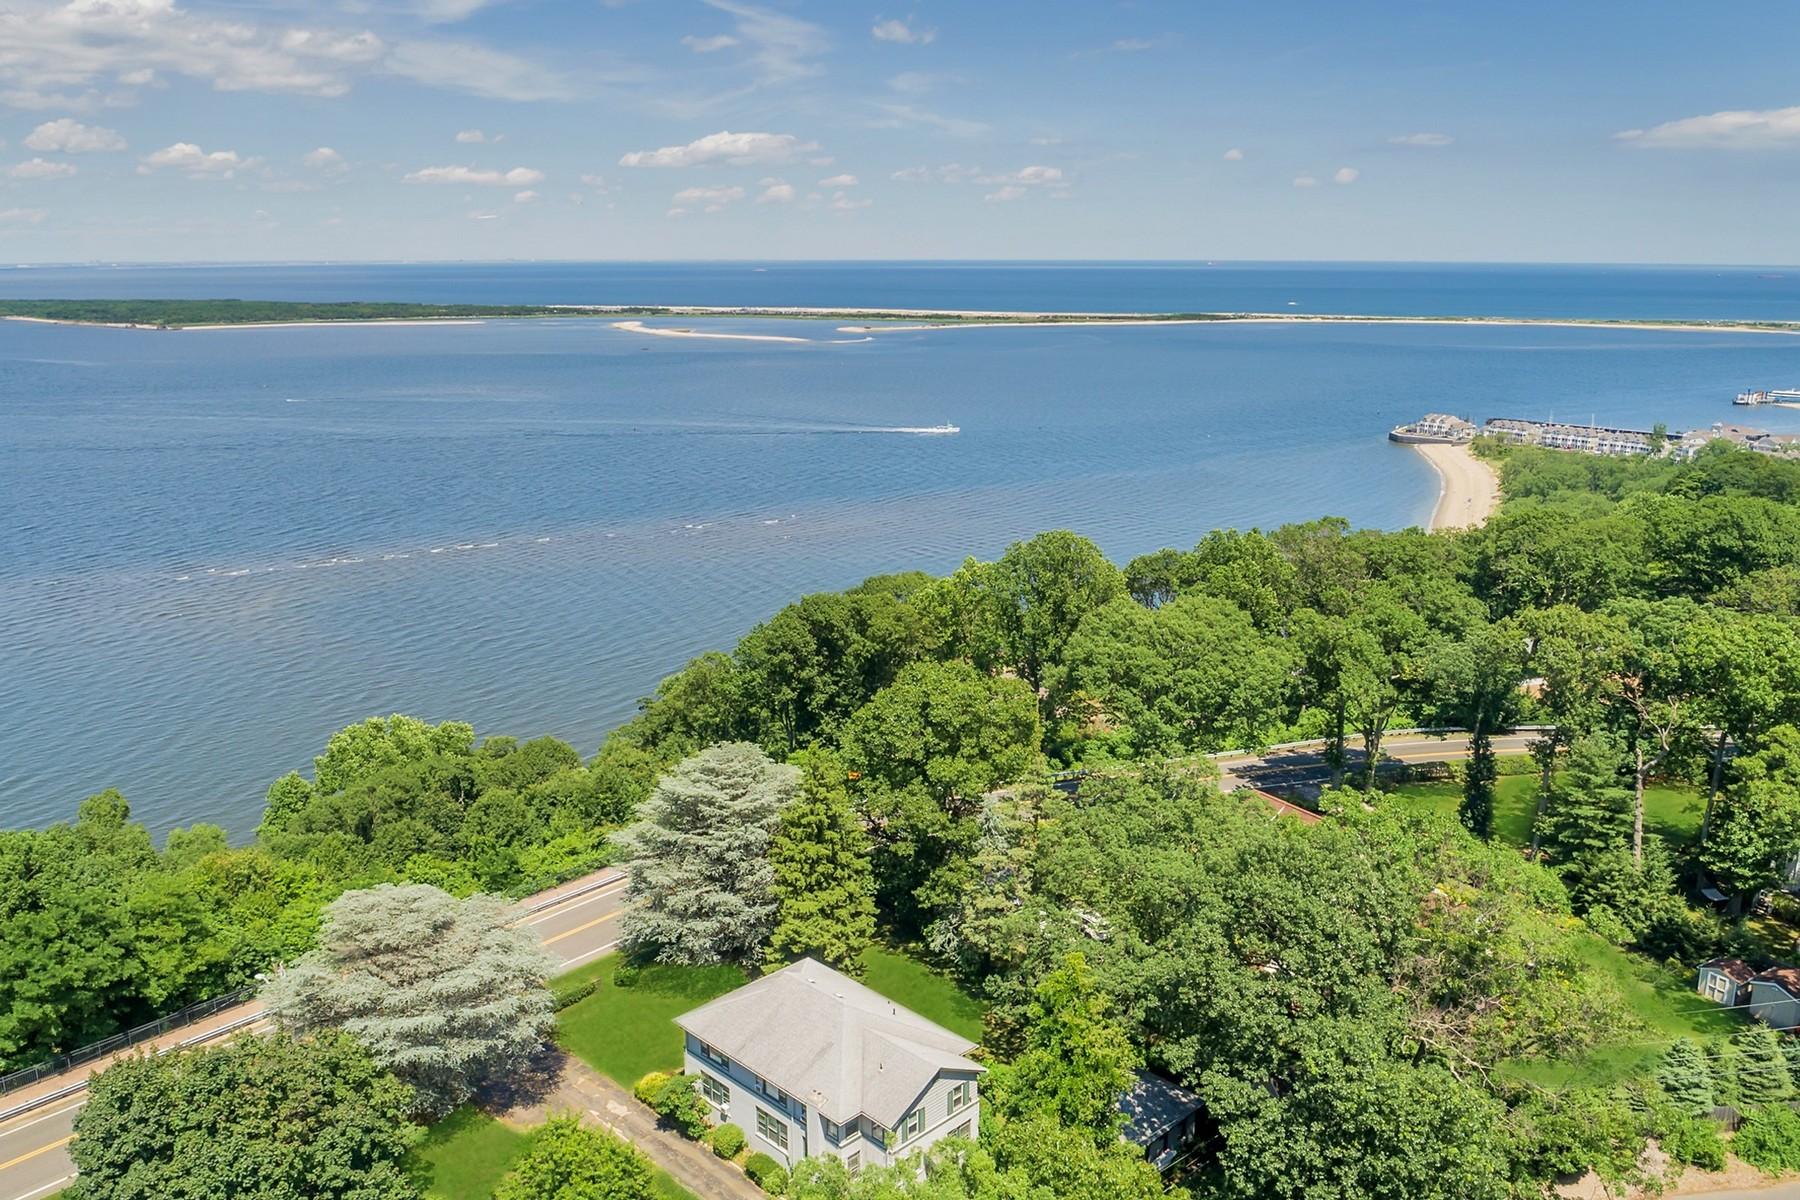 Terrain pour l Vente à Spectacular Views from the Vista 307 Ocean Blvd, Atlantic Highlands, New Jersey 07716 États-Unis